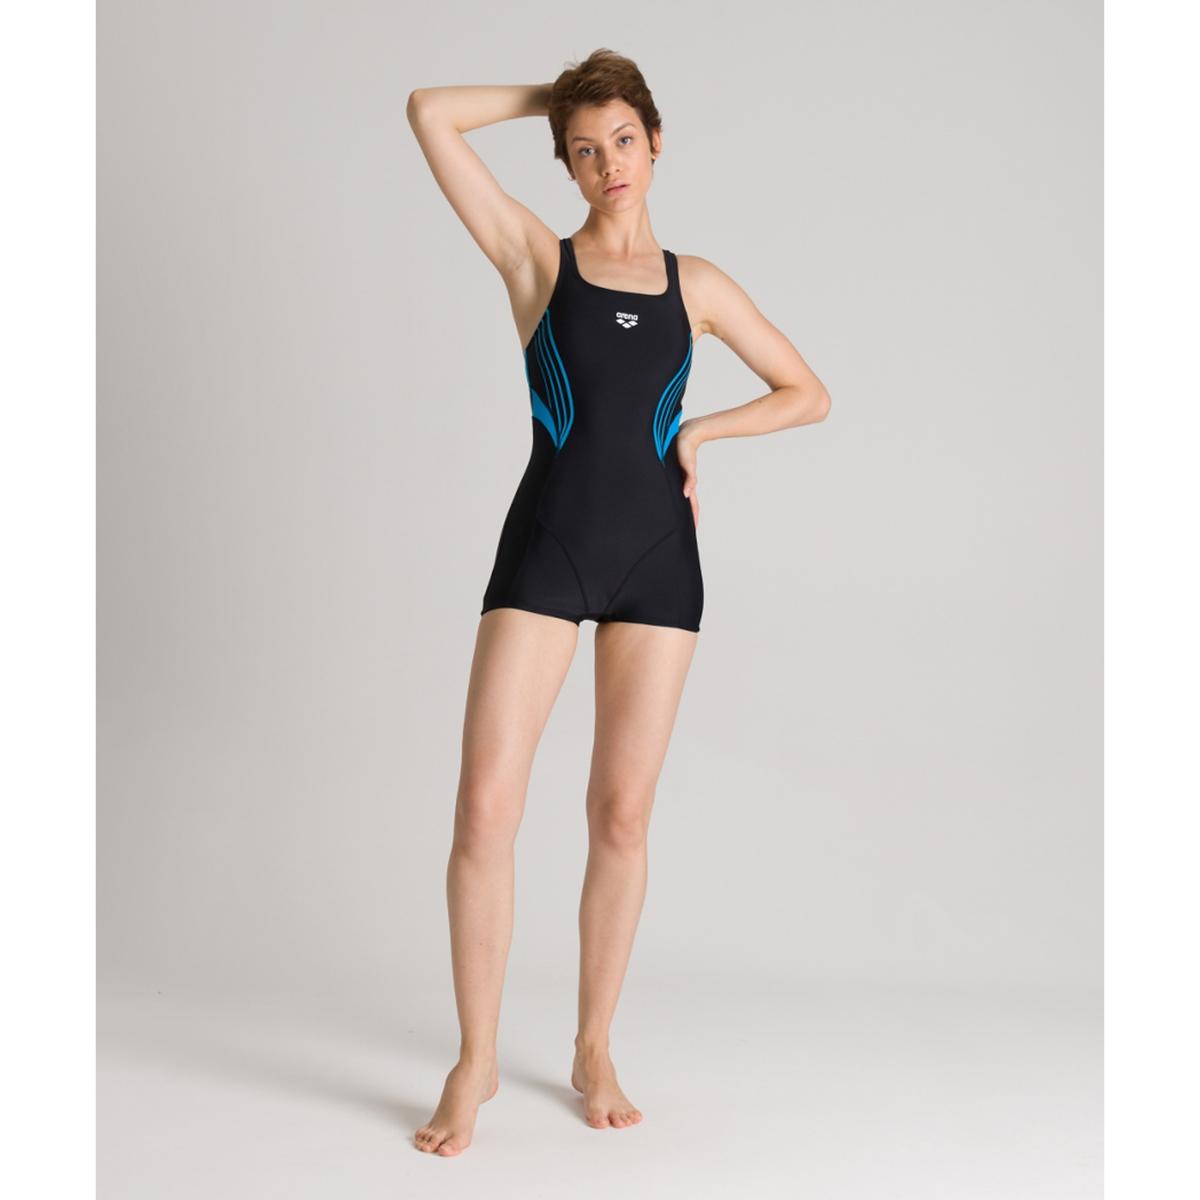 Купальник-комбинезон La Redoute С шортами для занятий в бассейне Kaori 48 (FR) - 54 (RUS) черный